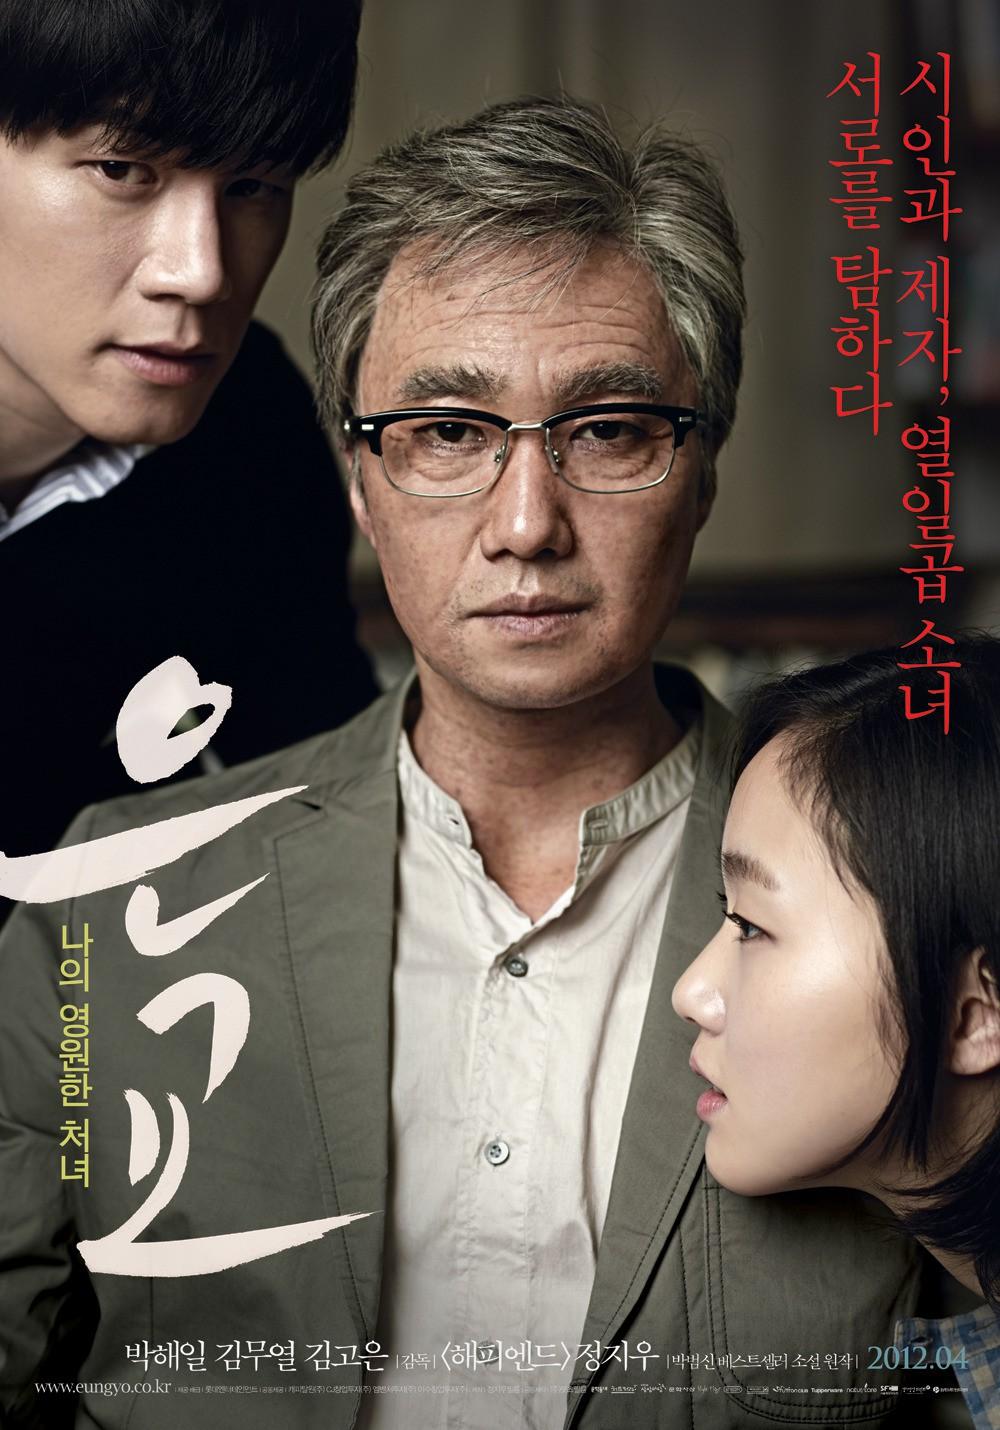 phimHàn Quốc 18+: Nàng thơ - A Muse (2012)